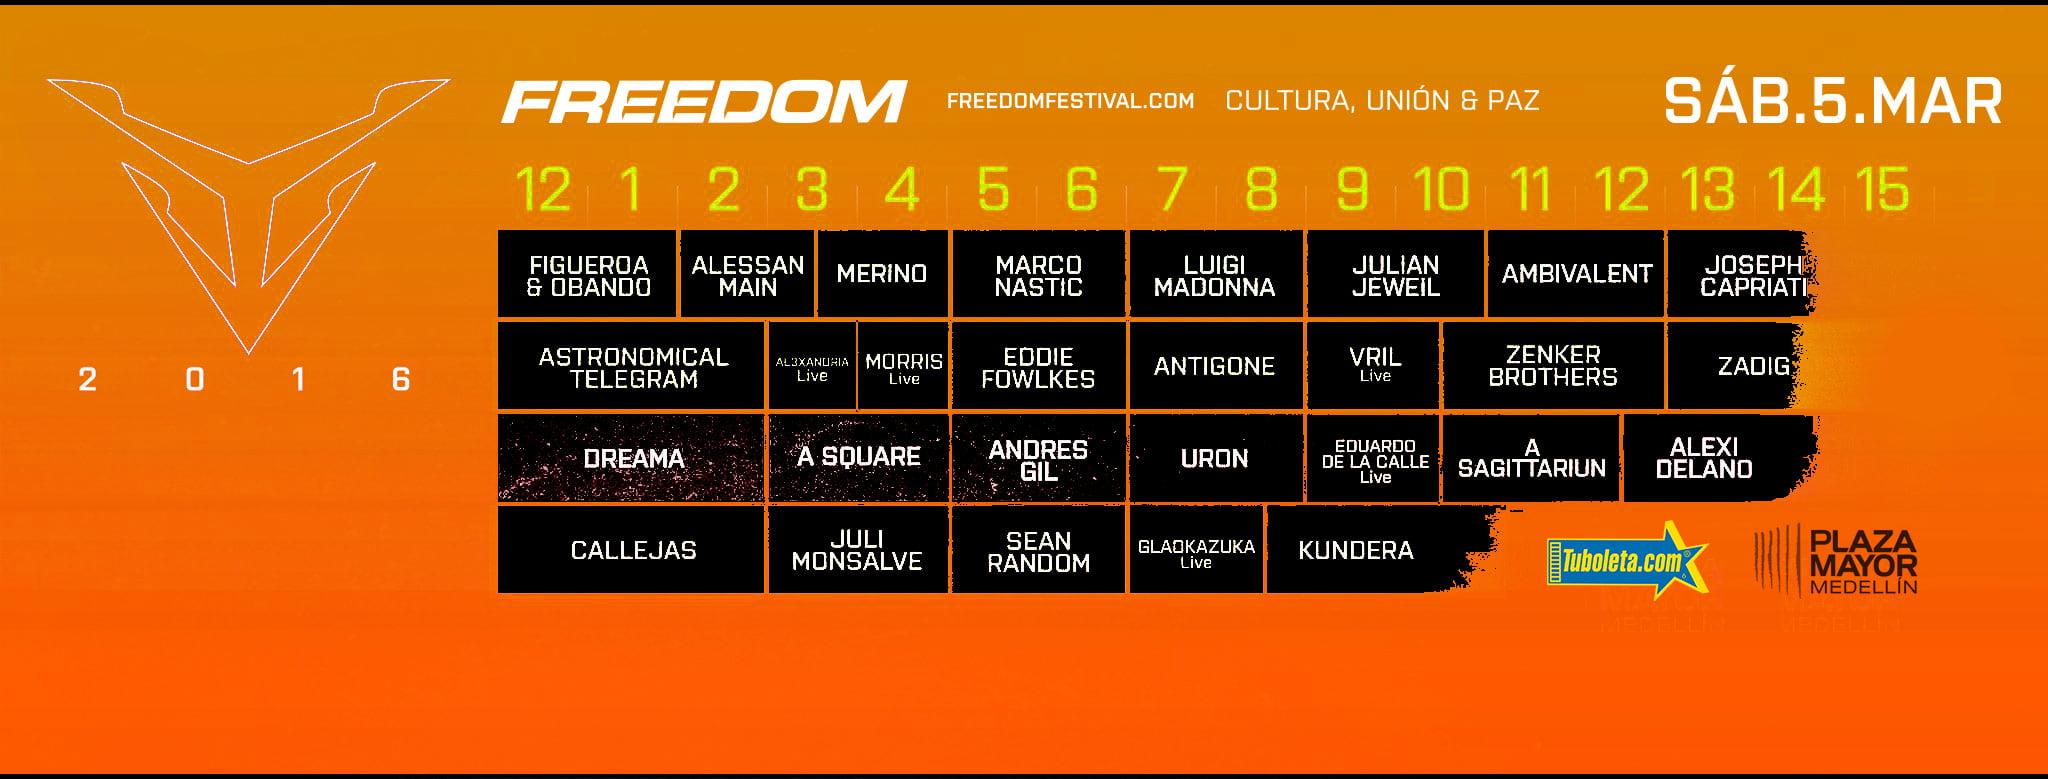 Dónde comprar los Pasabordos para el #FREEDOMMEDELLIN antes de que suban éste Fin de Semana